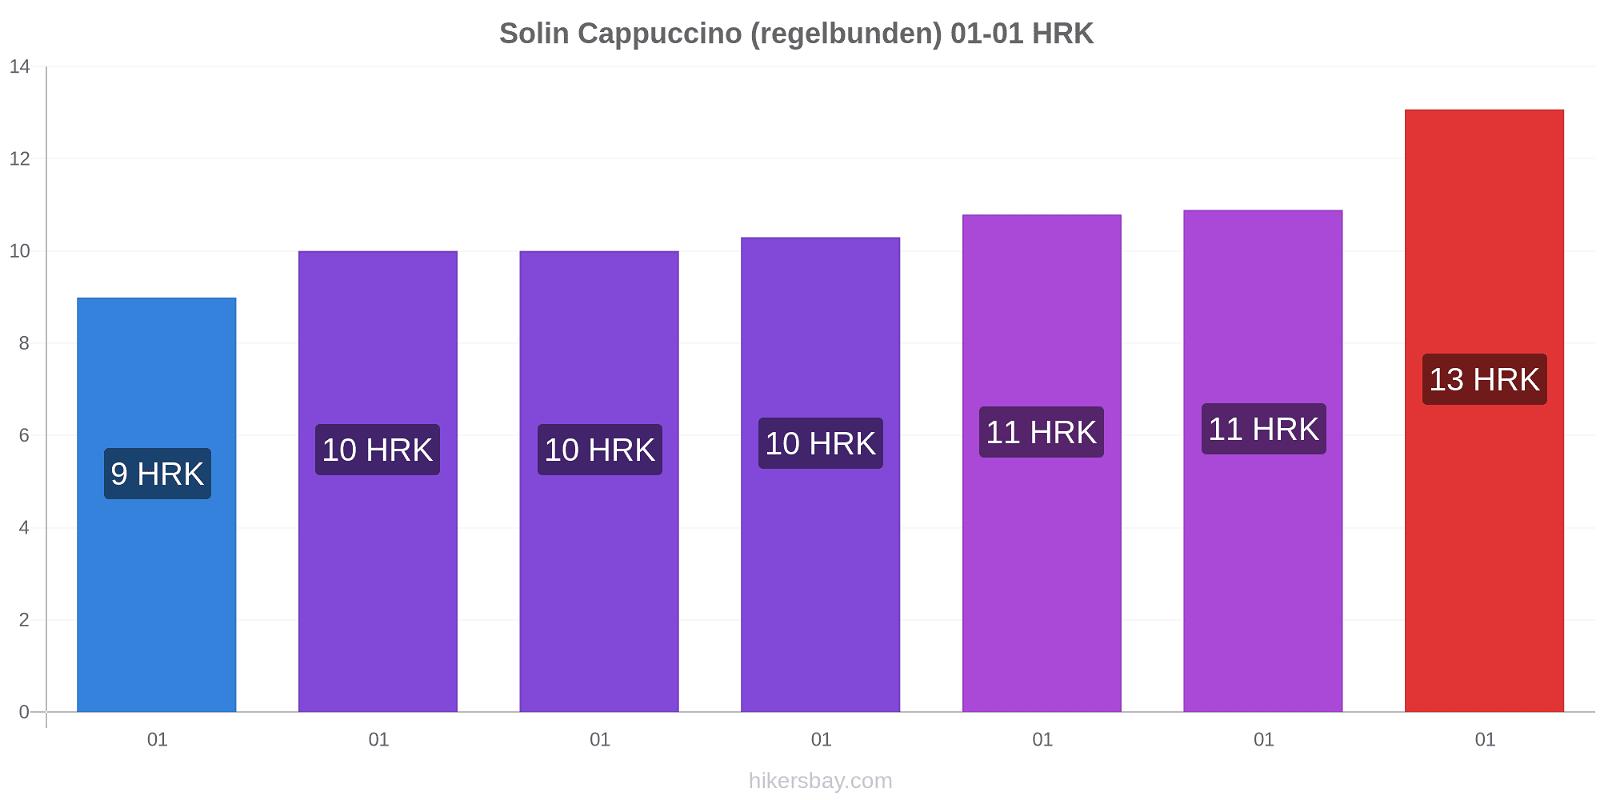 Solin prisförändringar Cappuccino (regelbunden) hikersbay.com